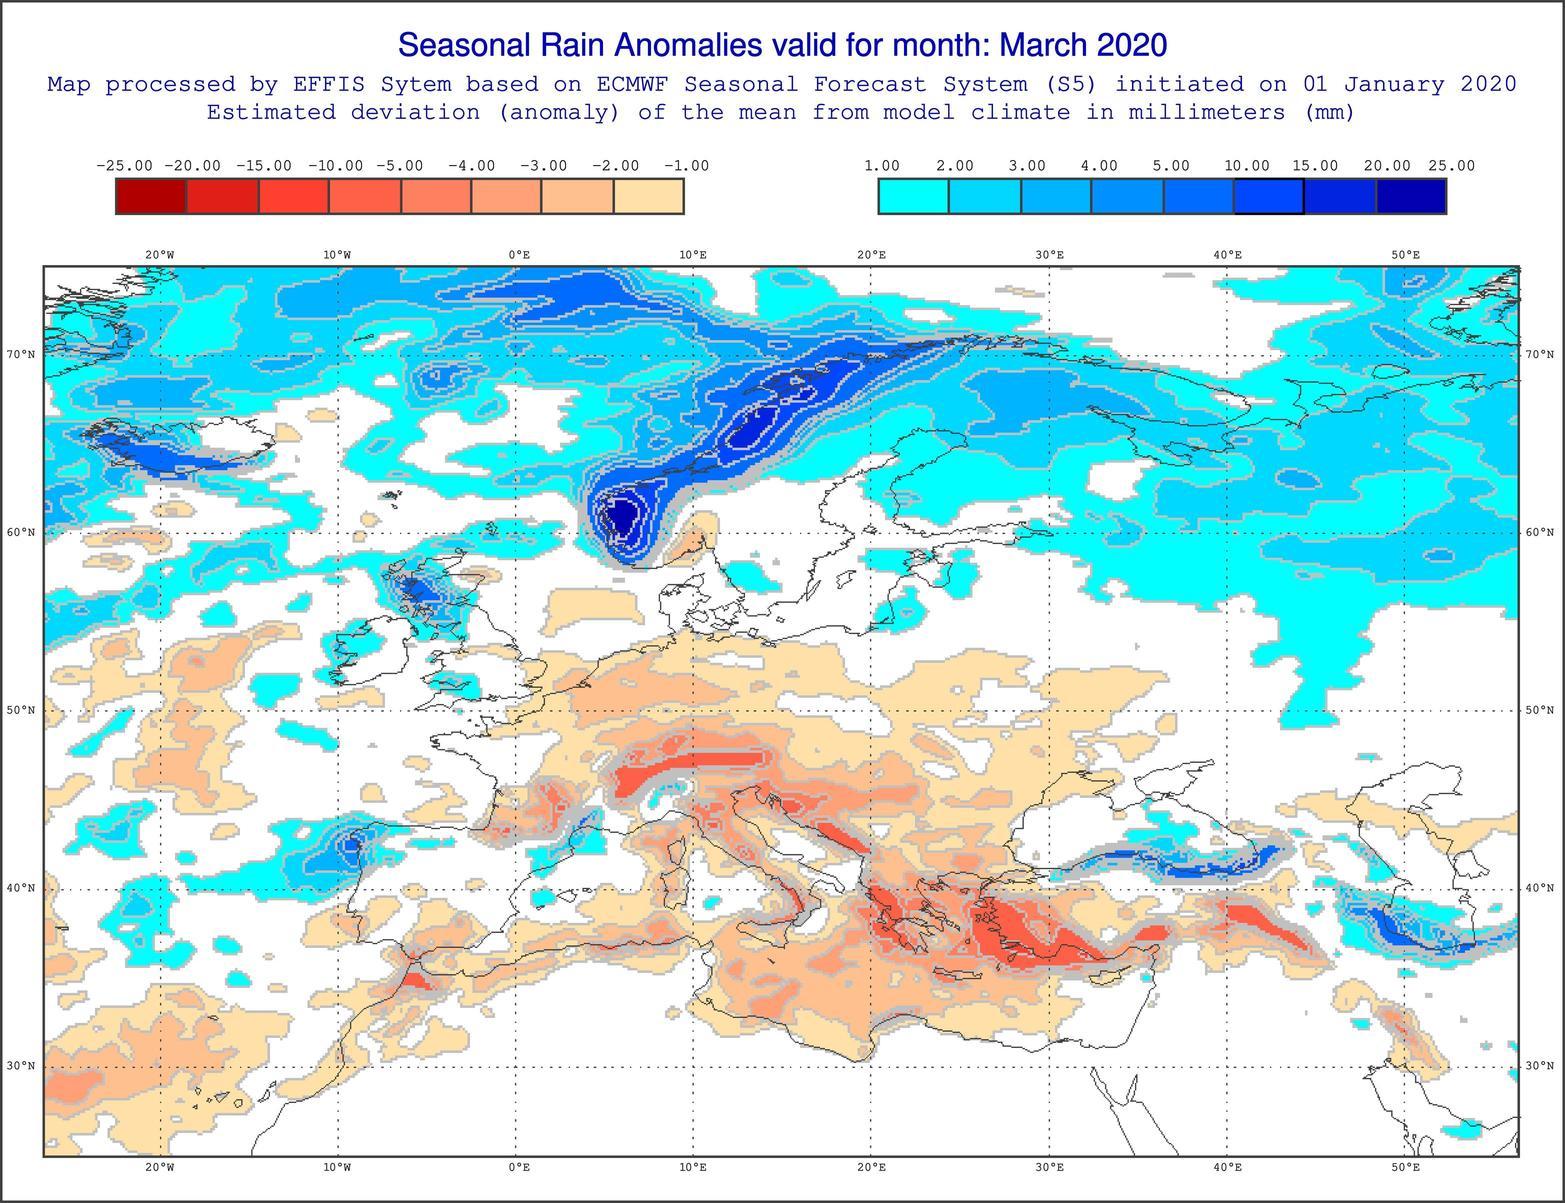 Anomalie di precipitazione per Marzo 2020 secondo il modello ECMWF - effis.jrc.ec.europa.eu